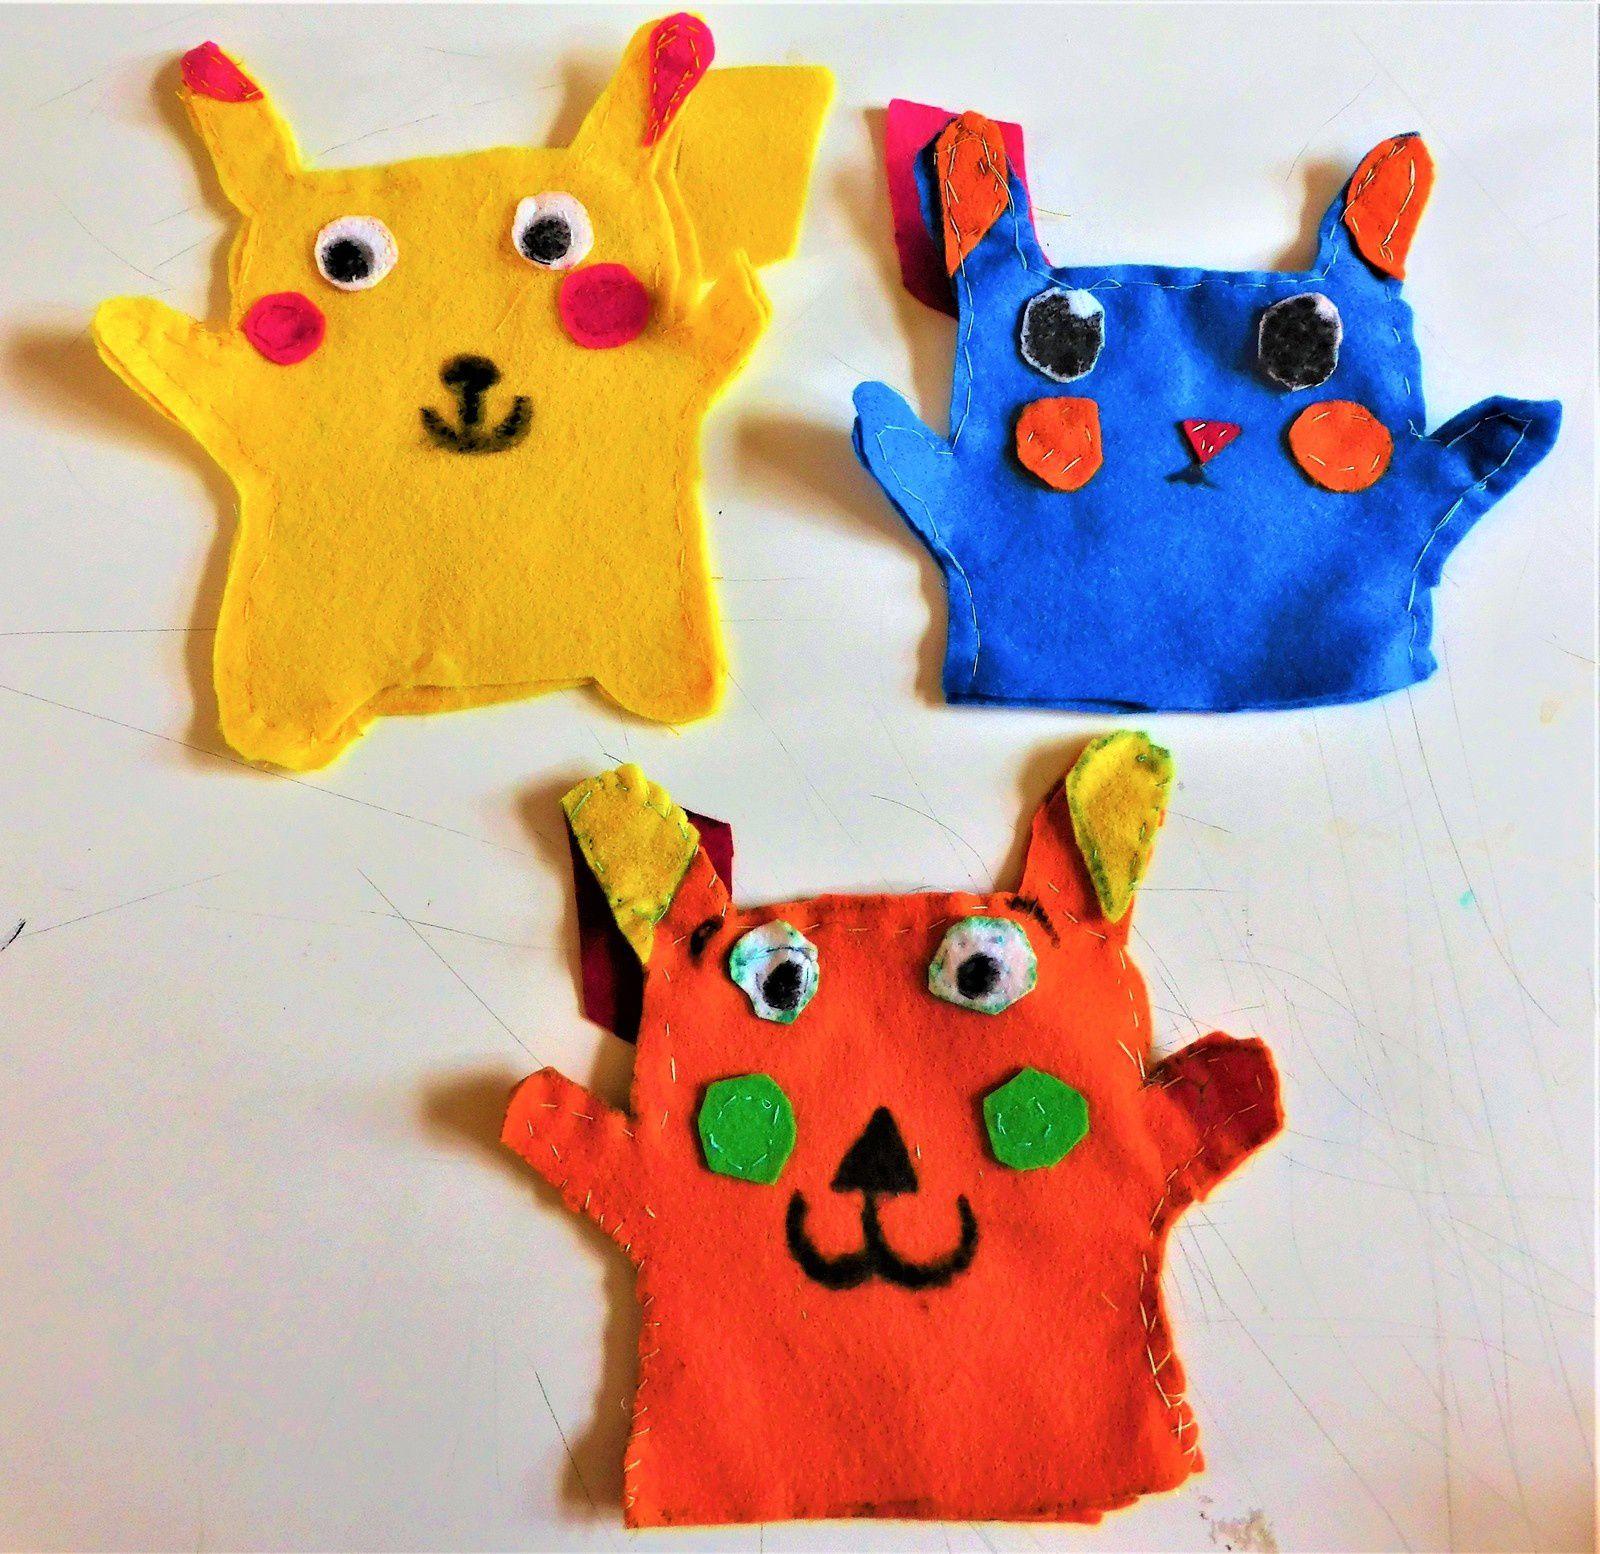 Quelques marionnettes bariolées Pikachu. #Feutrine #PetiteCouture